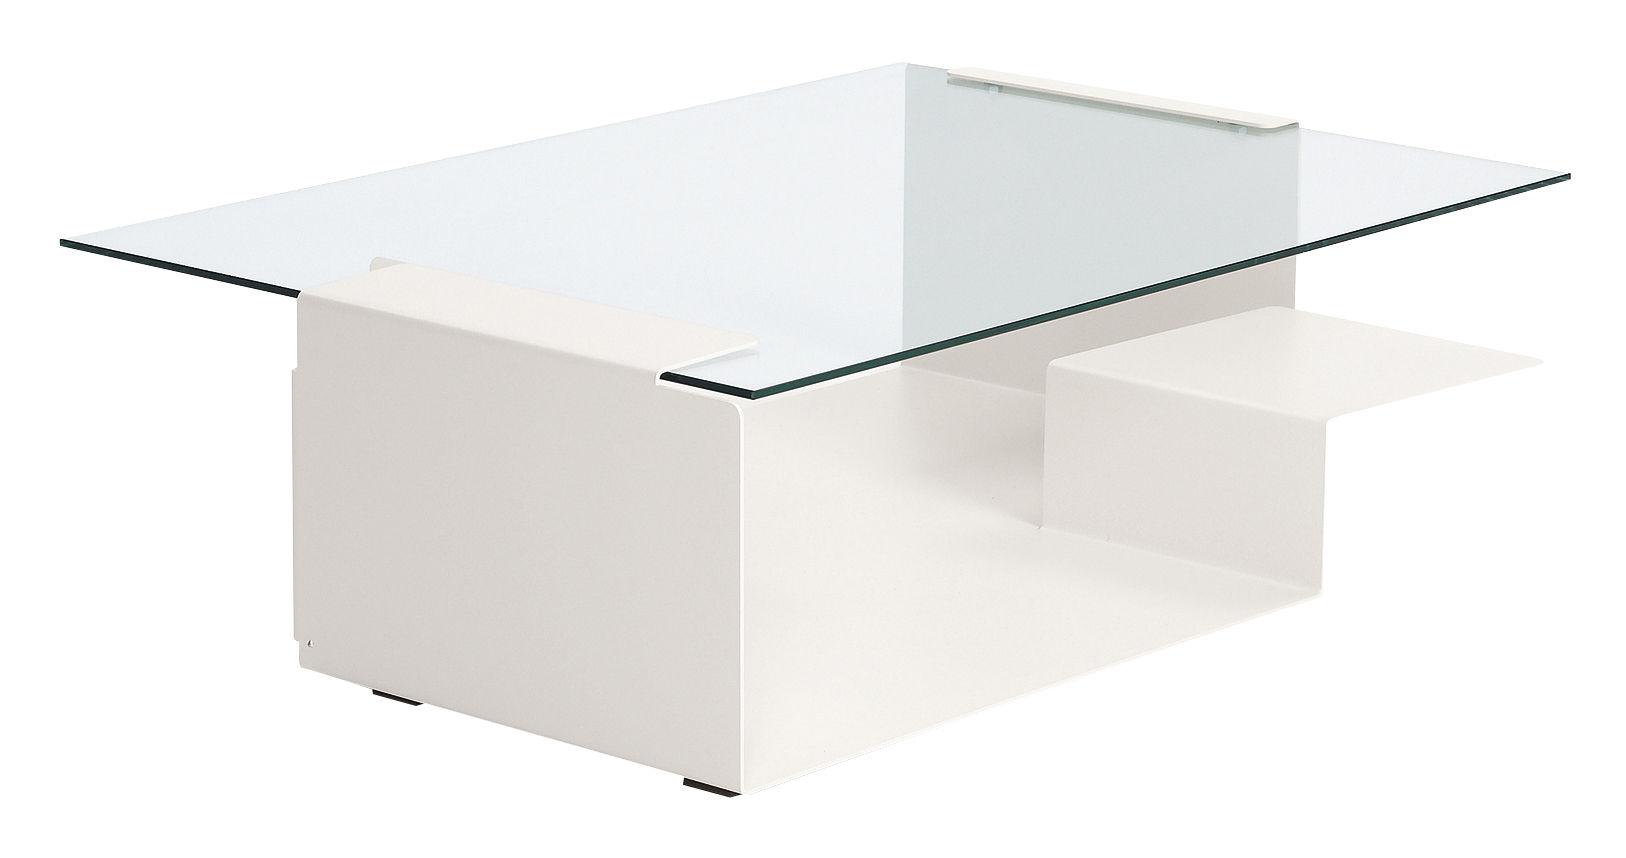 Möbel - Couchtische - Diana D Couchtisch - ClassiCon - Weiß - Glas